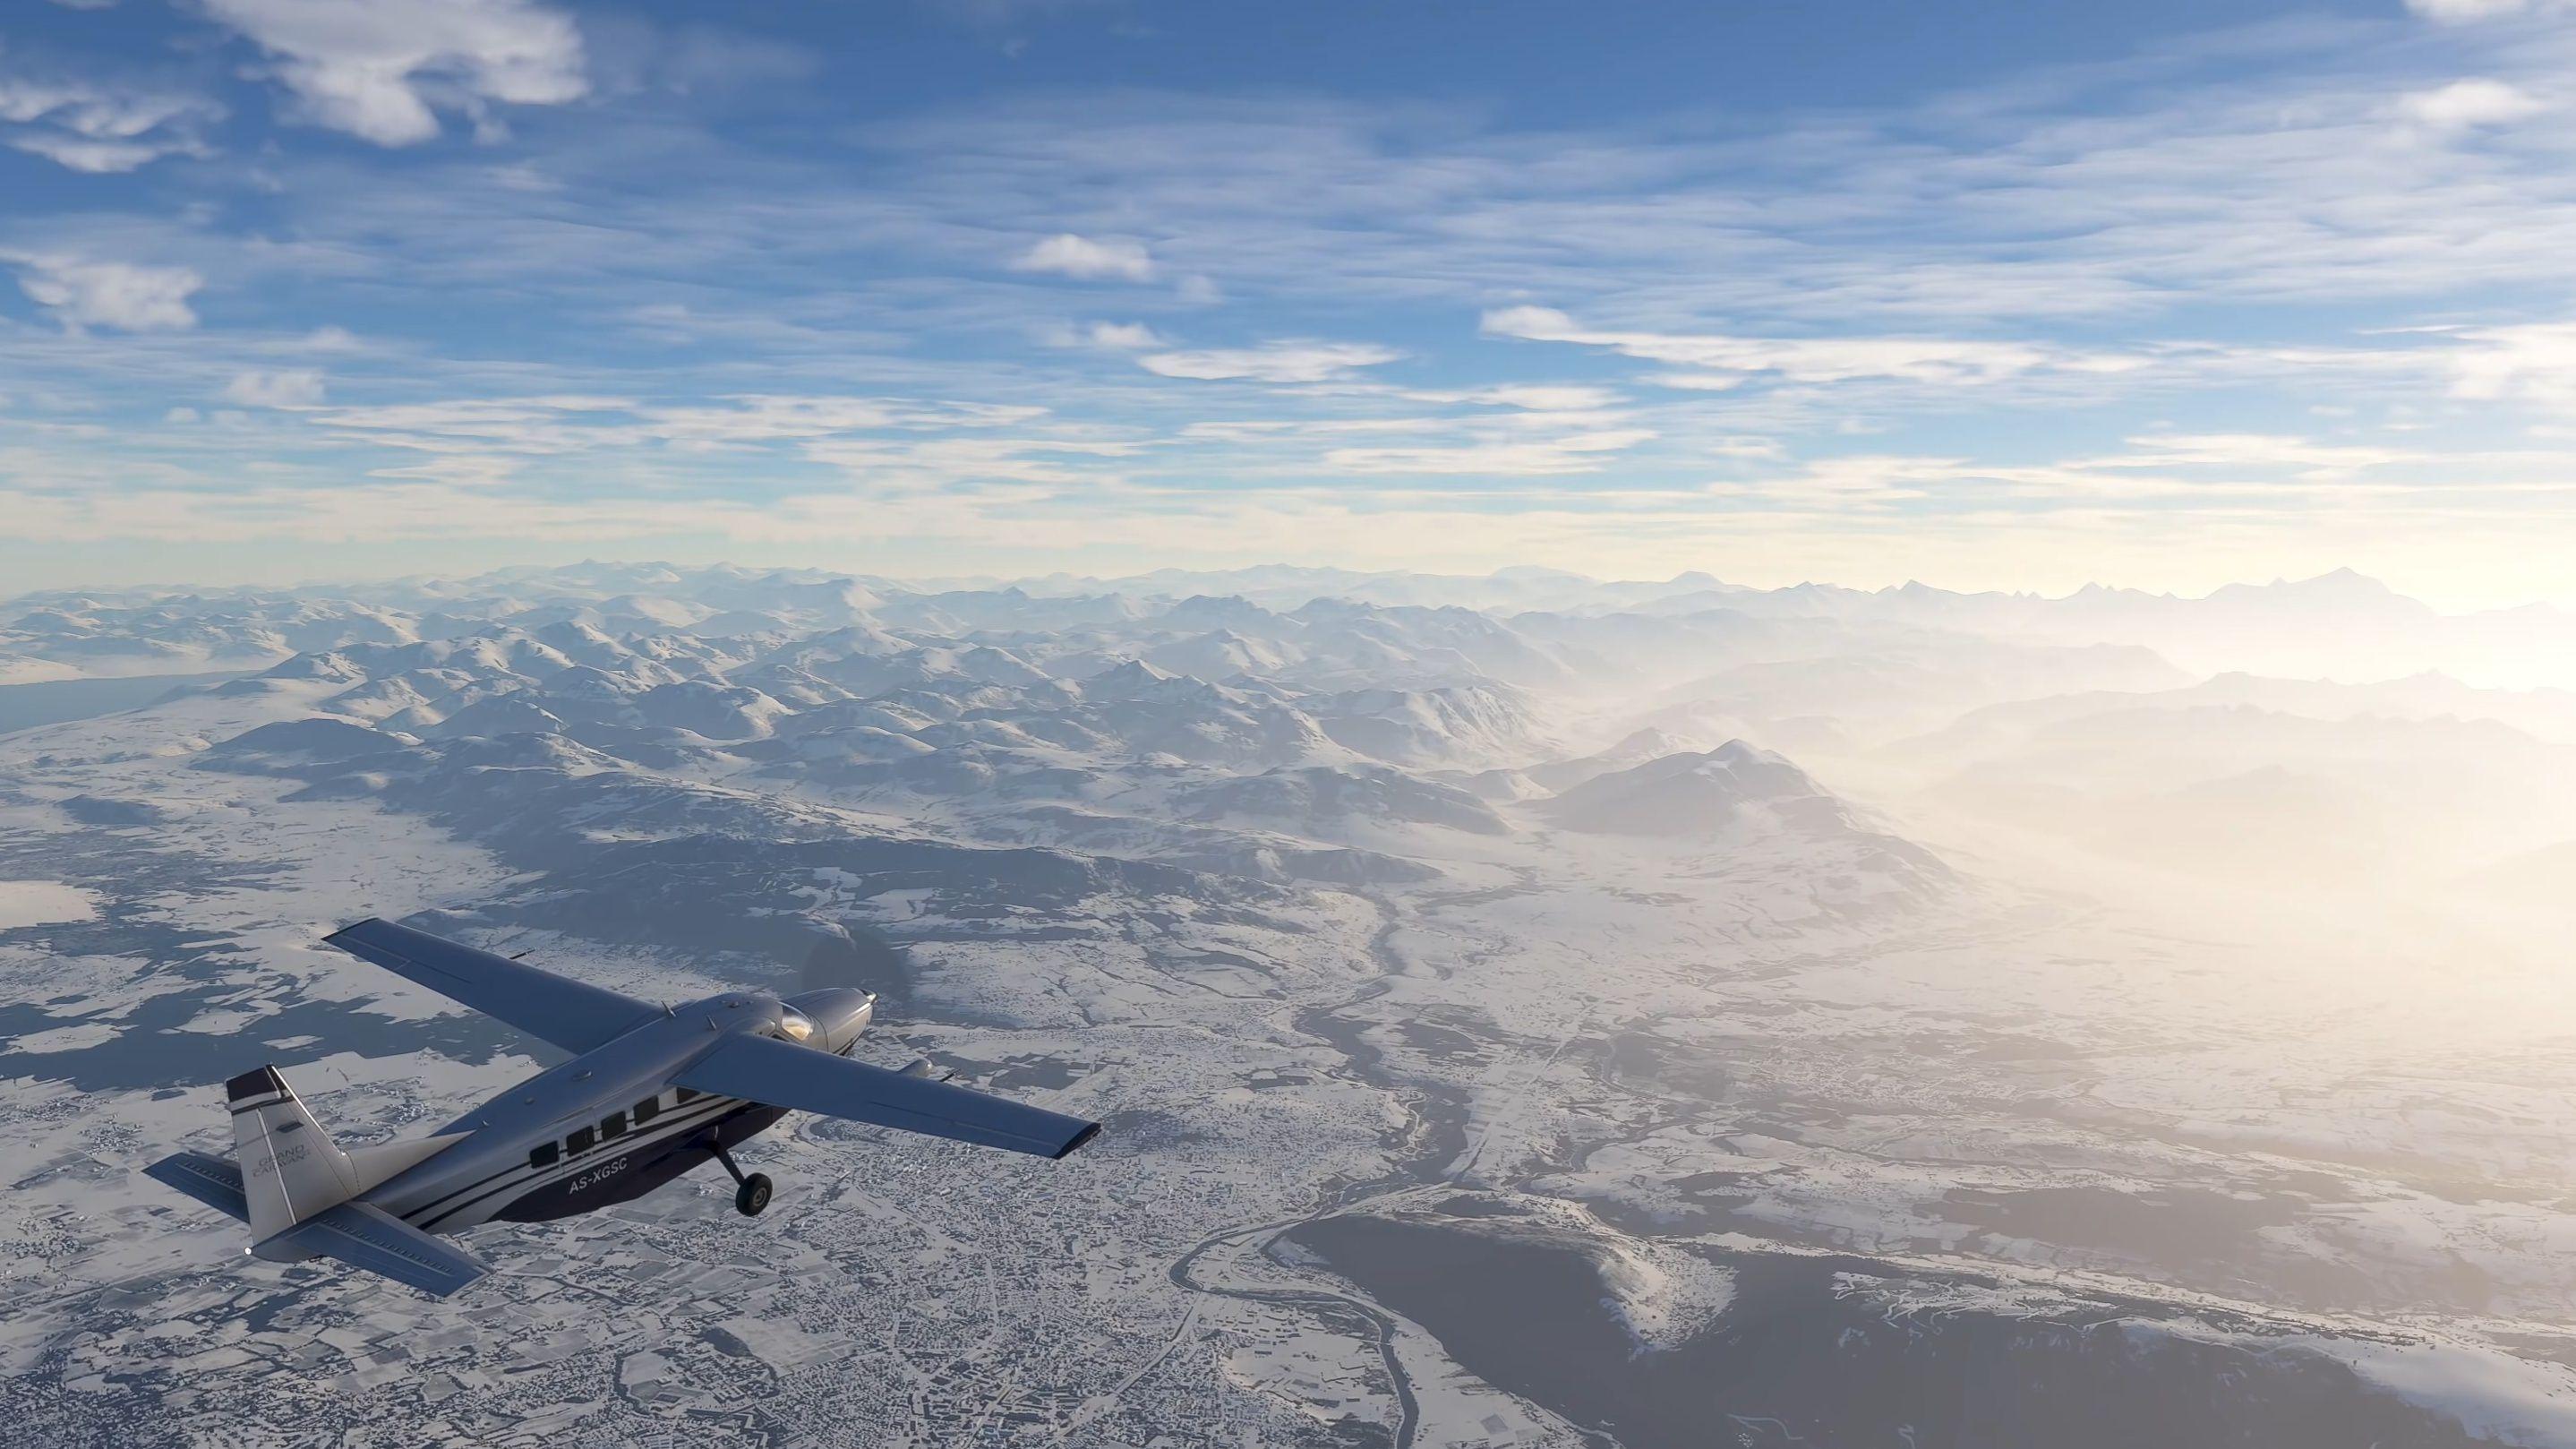 北国风光,千里冰封,万里雪飘